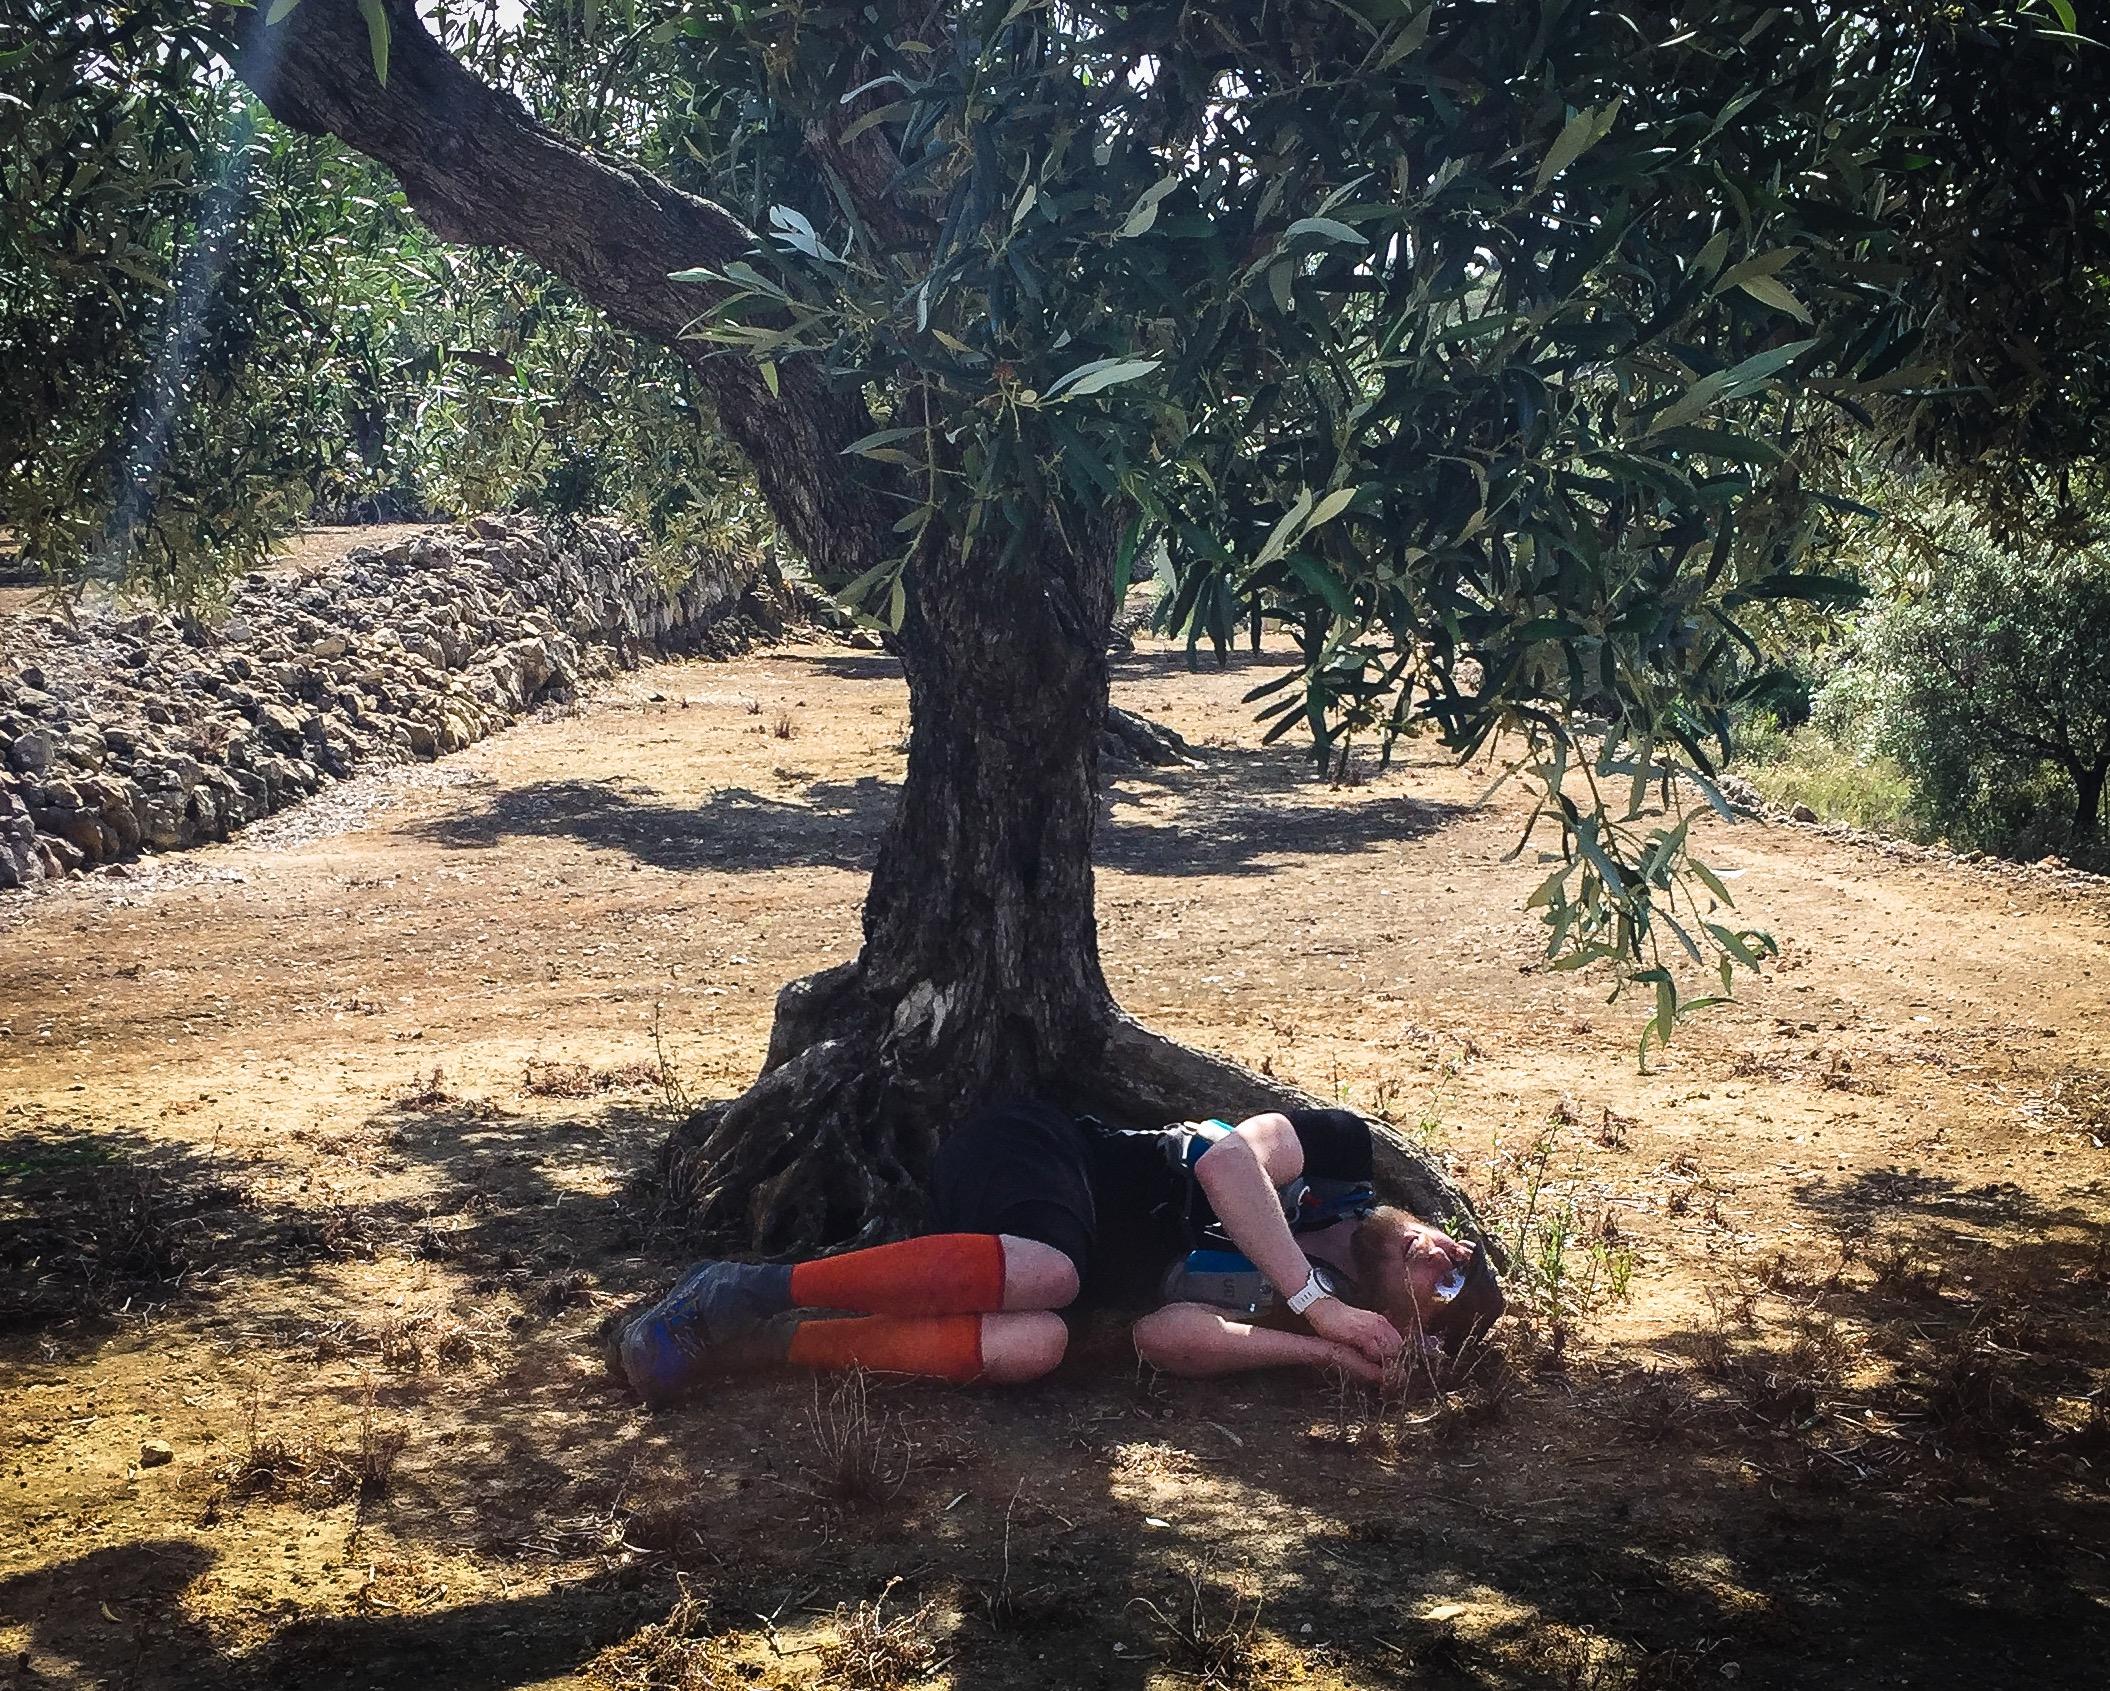 Vissa drömde om att få lägga sig i fosterställning under ett träd och bara vila...